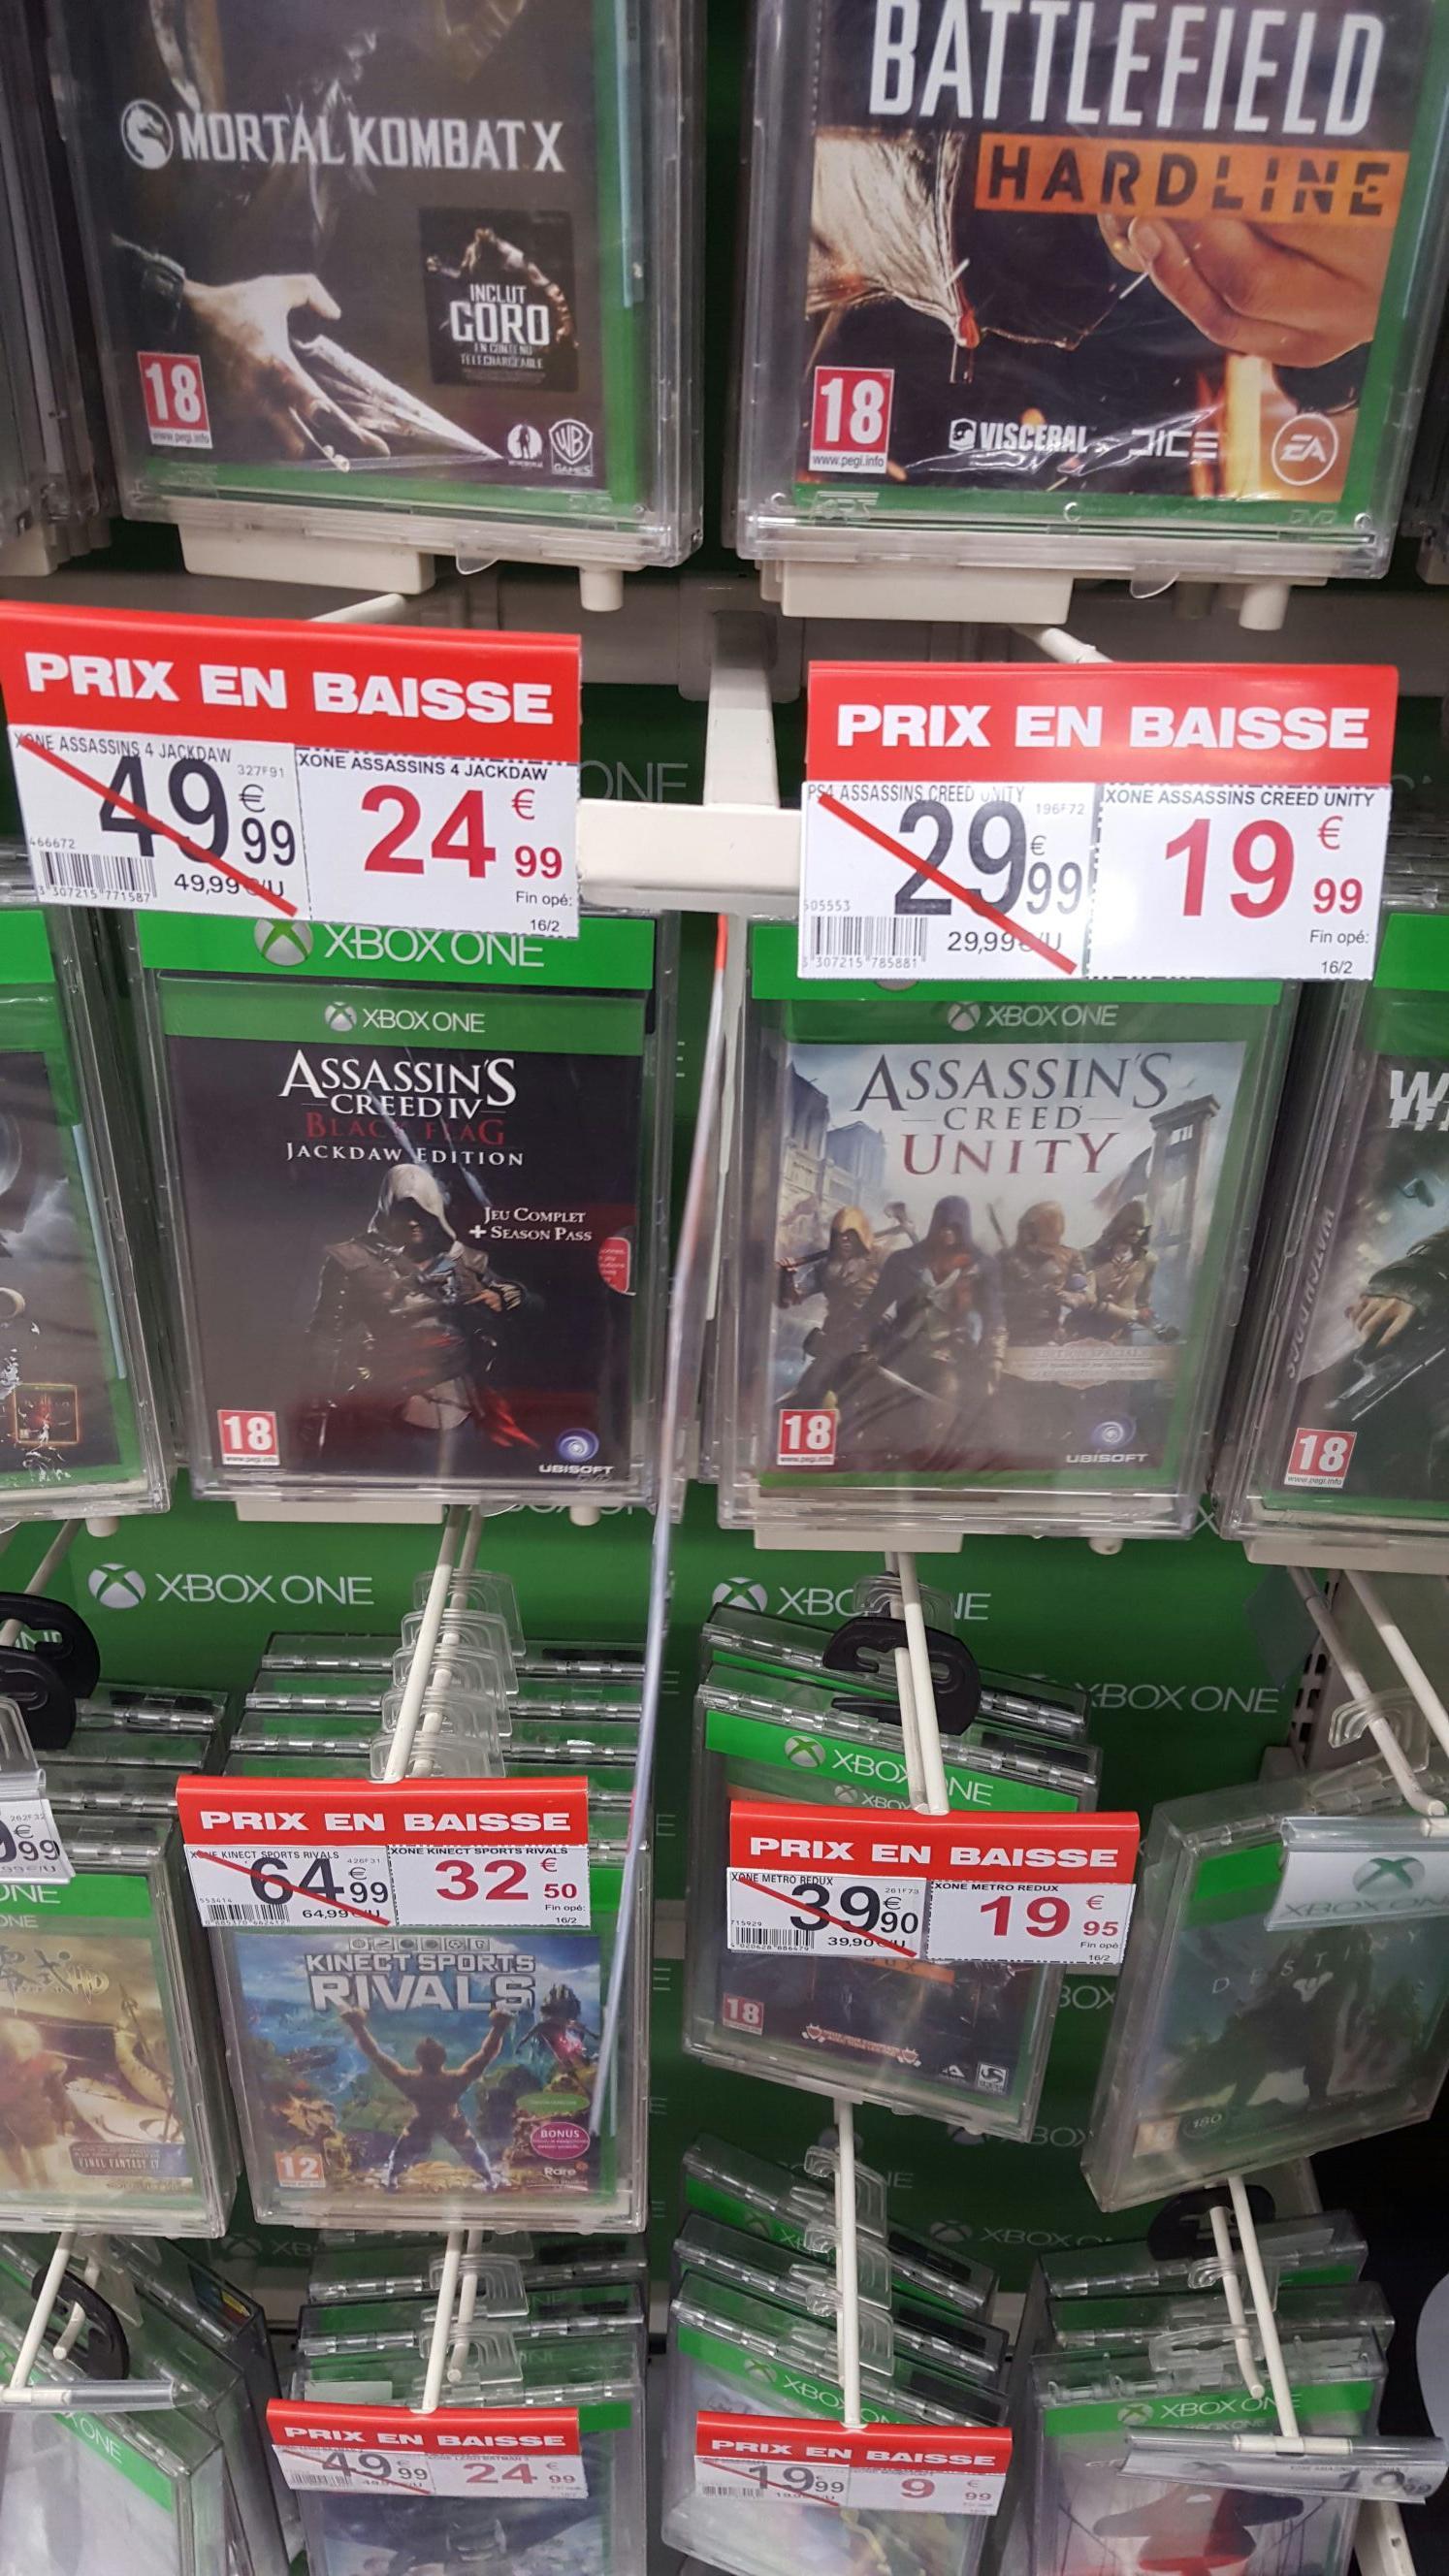 Jeux Assassin Creed sur Xbox One :Unity à 19.99€